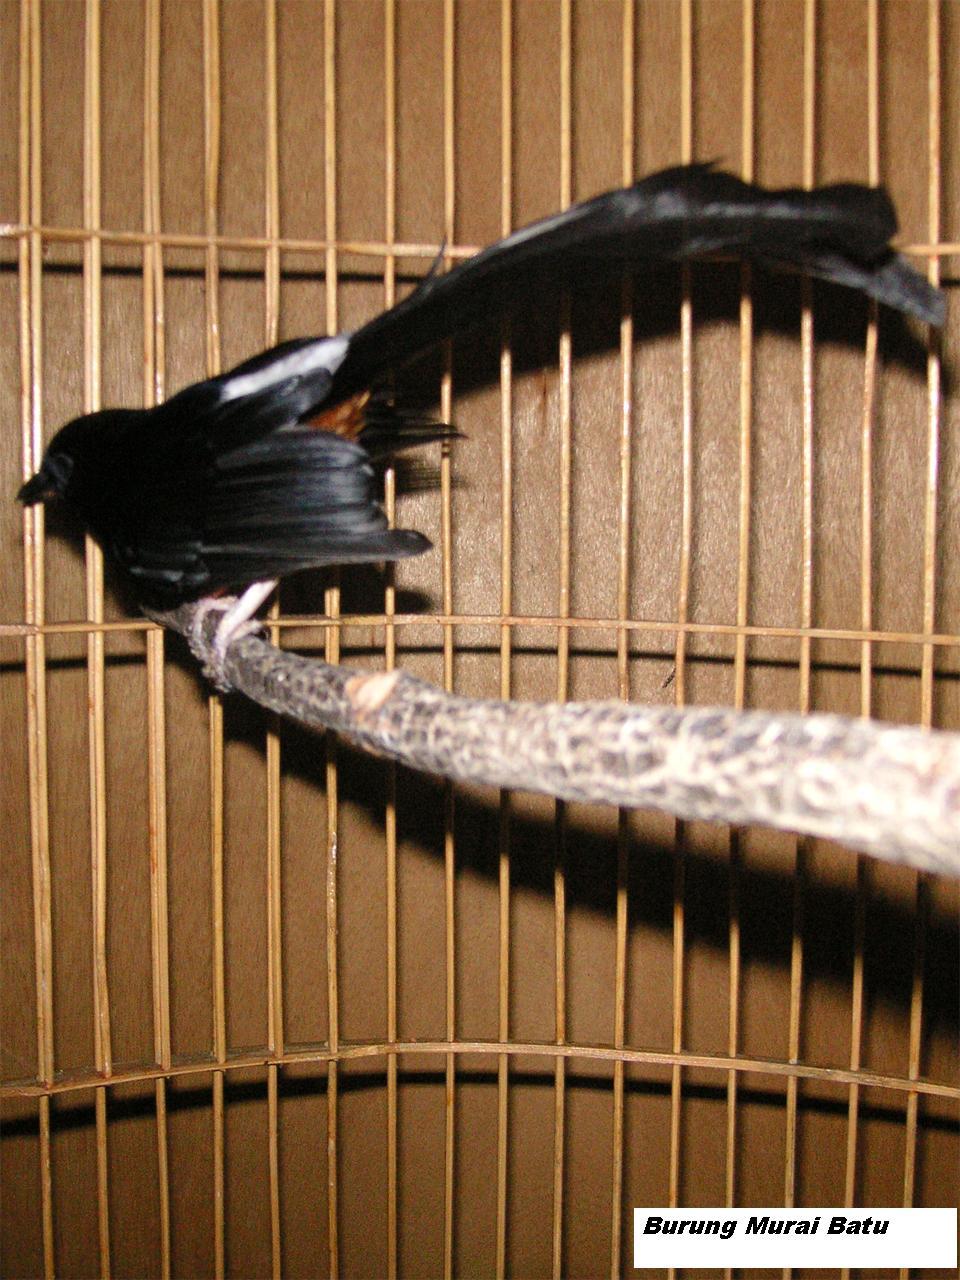 burung murai batu merupakan salah satu kicau burung terbaik cerdas